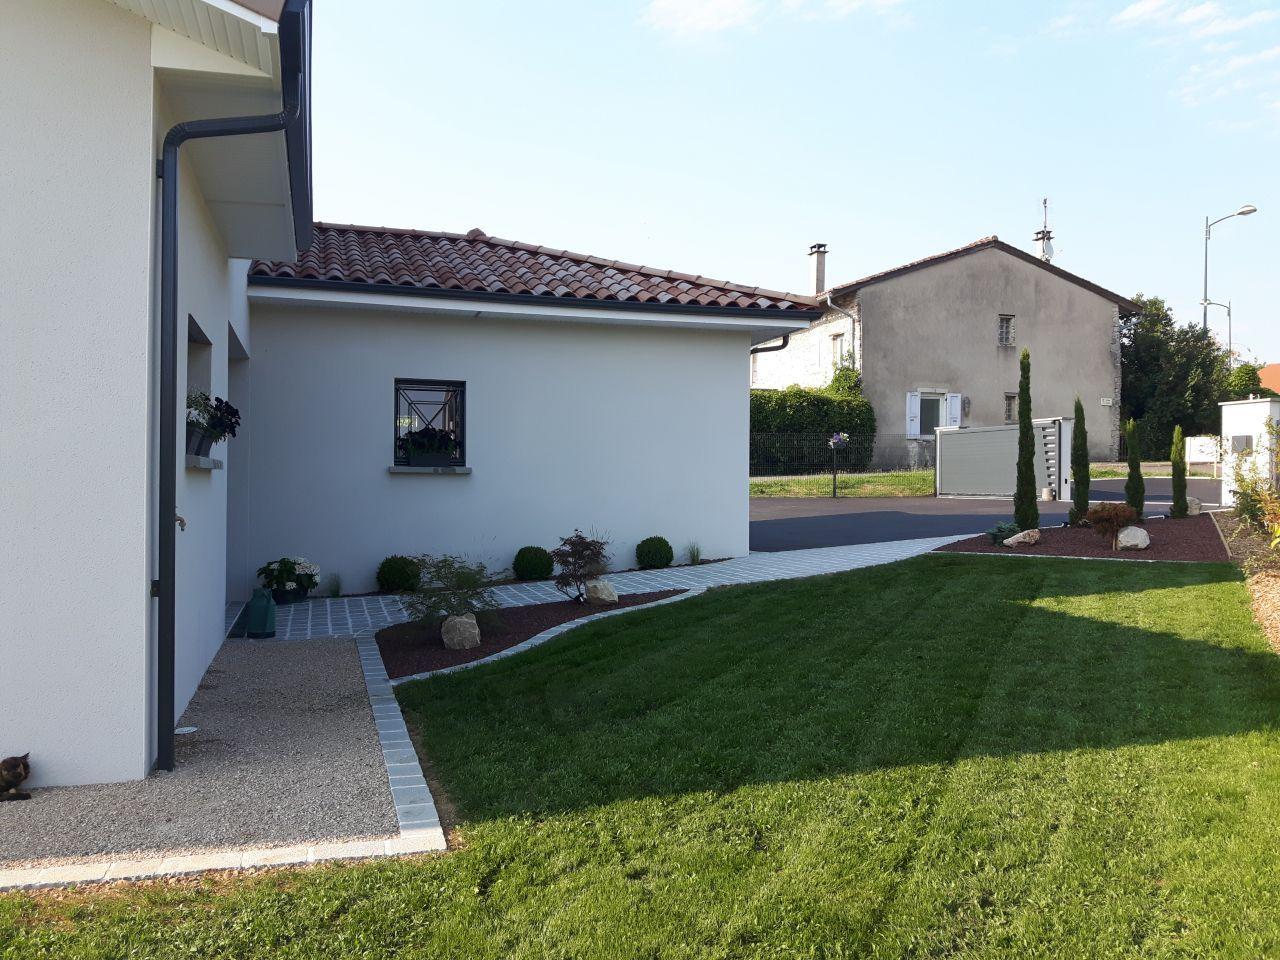 Extérieurs | Aménagement Jardin Devant Maison, Deco ... intérieur Aménagement Extérieur Maison Plain Pied